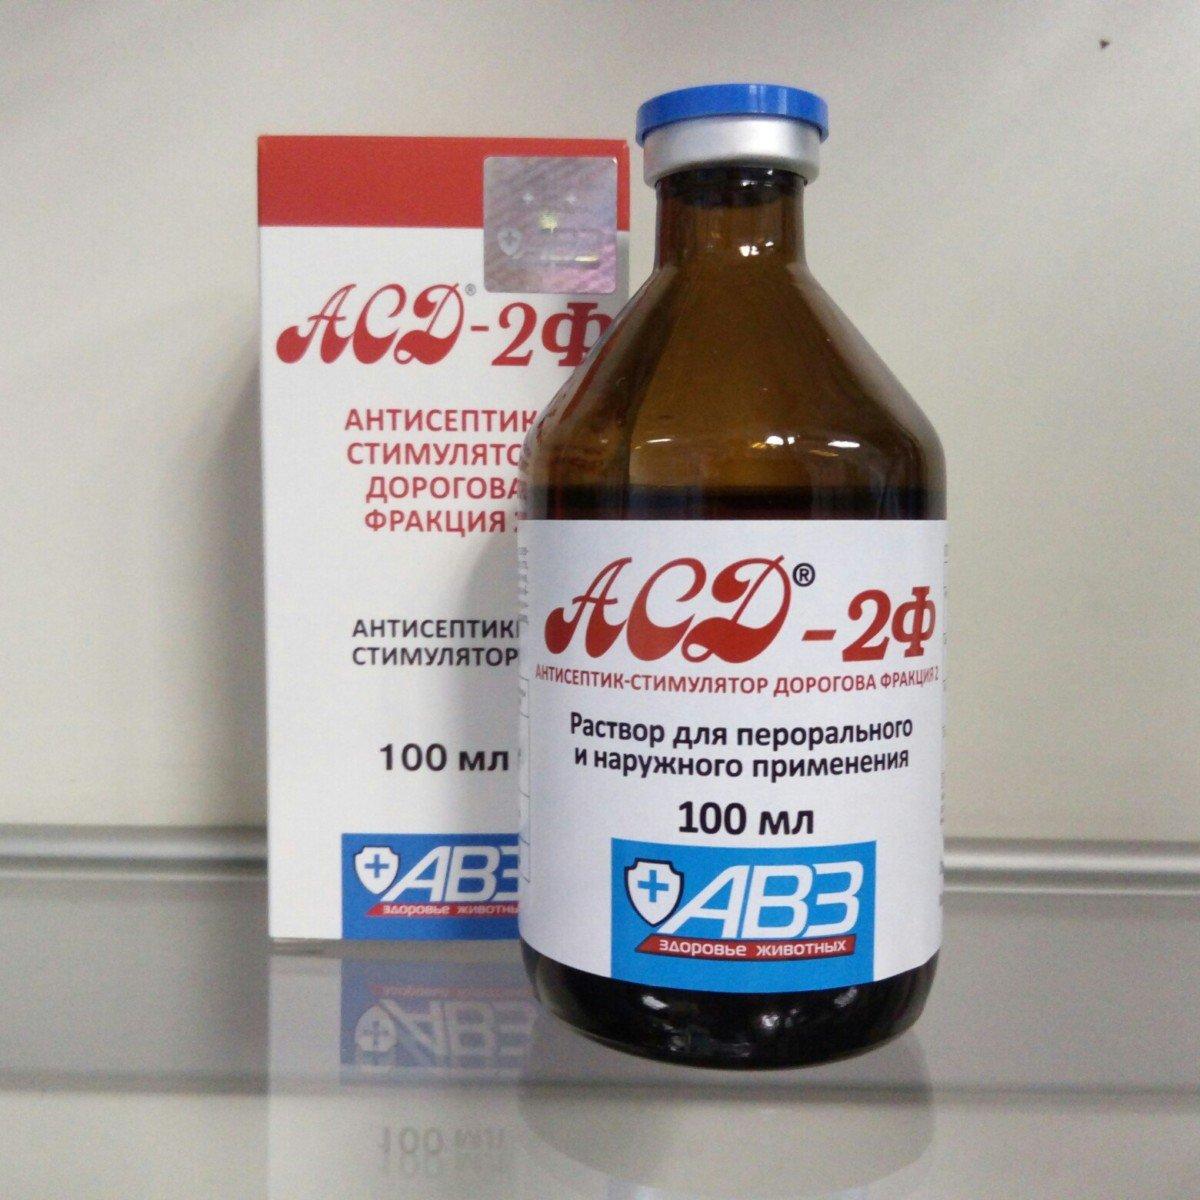 Асд фракция 2 применение для человека лечение простатита простатит и его лечение противопоказания